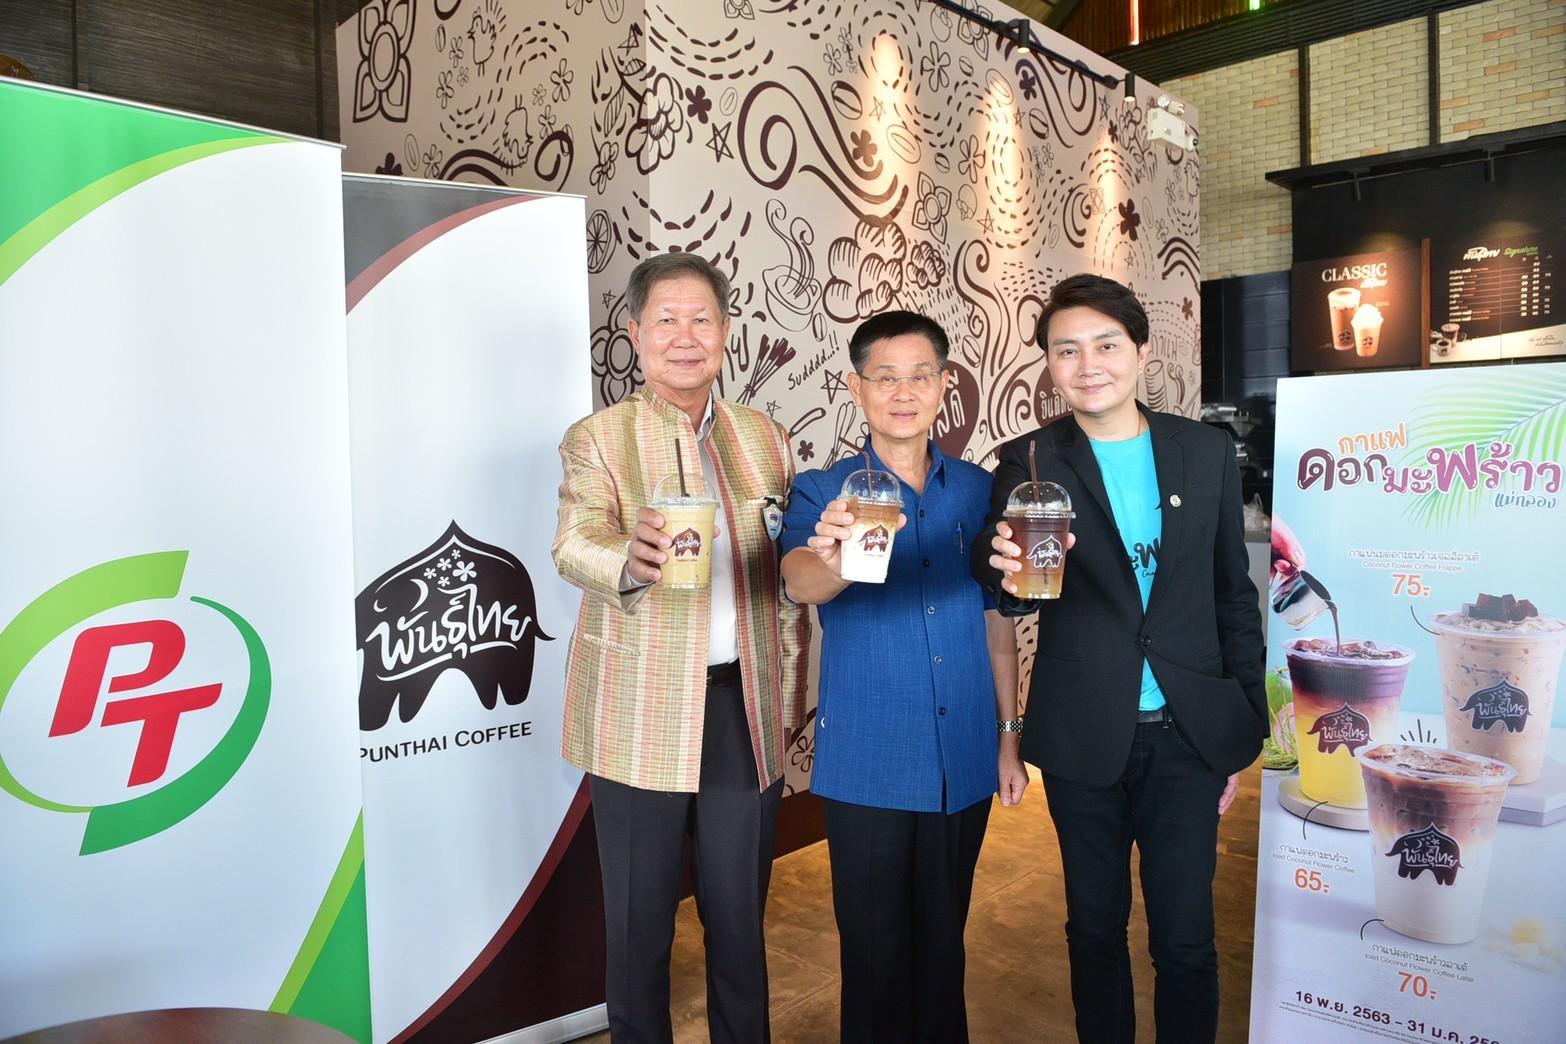 กาแฟ กาแฟดอกมะพร้าว กาแฟพันธุ์ไทย